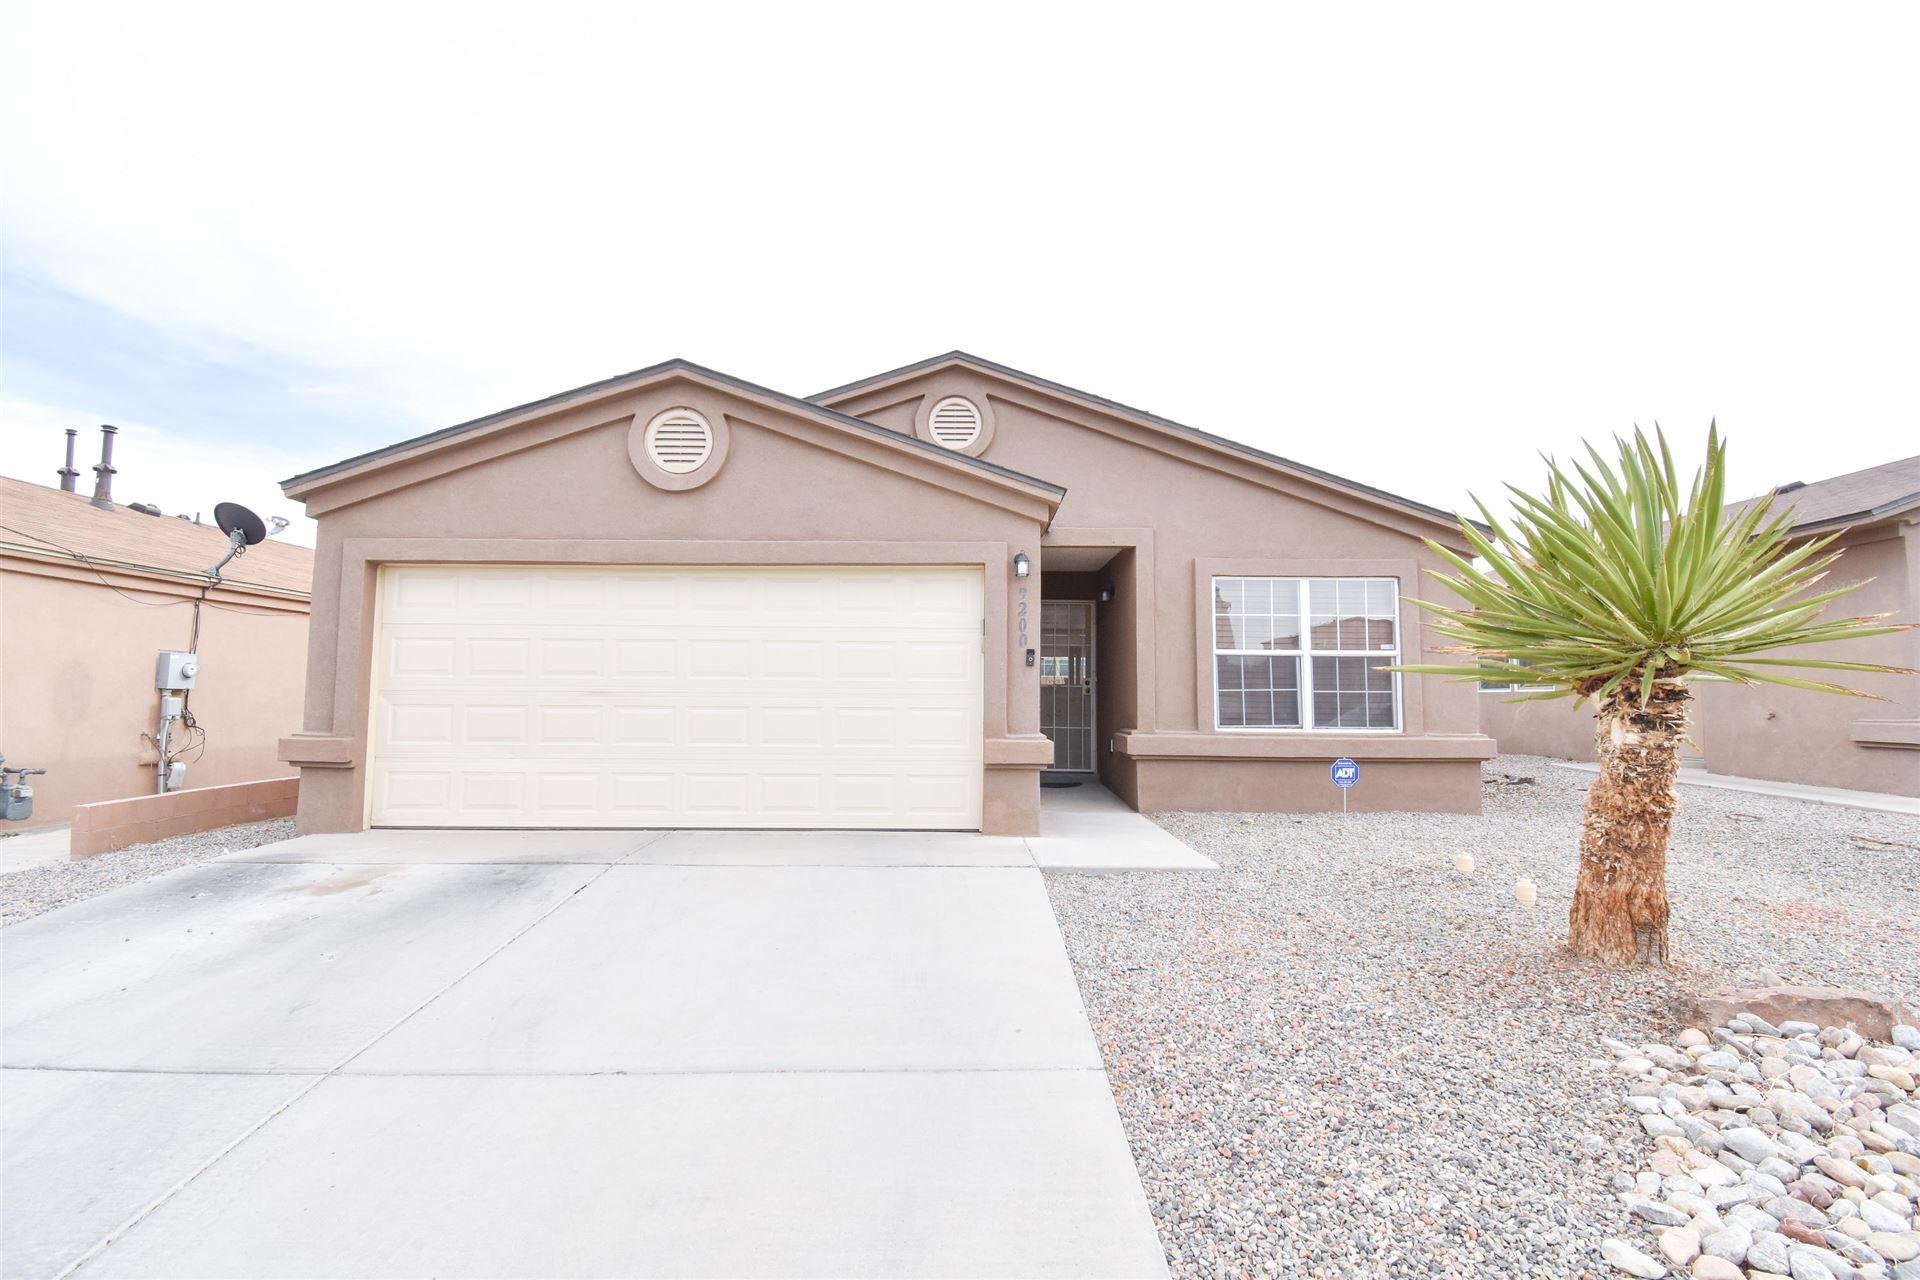 Photo of 9200 VALLE VIDAL Place SW, Albuquerque, NM 87121 (MLS # 989931)